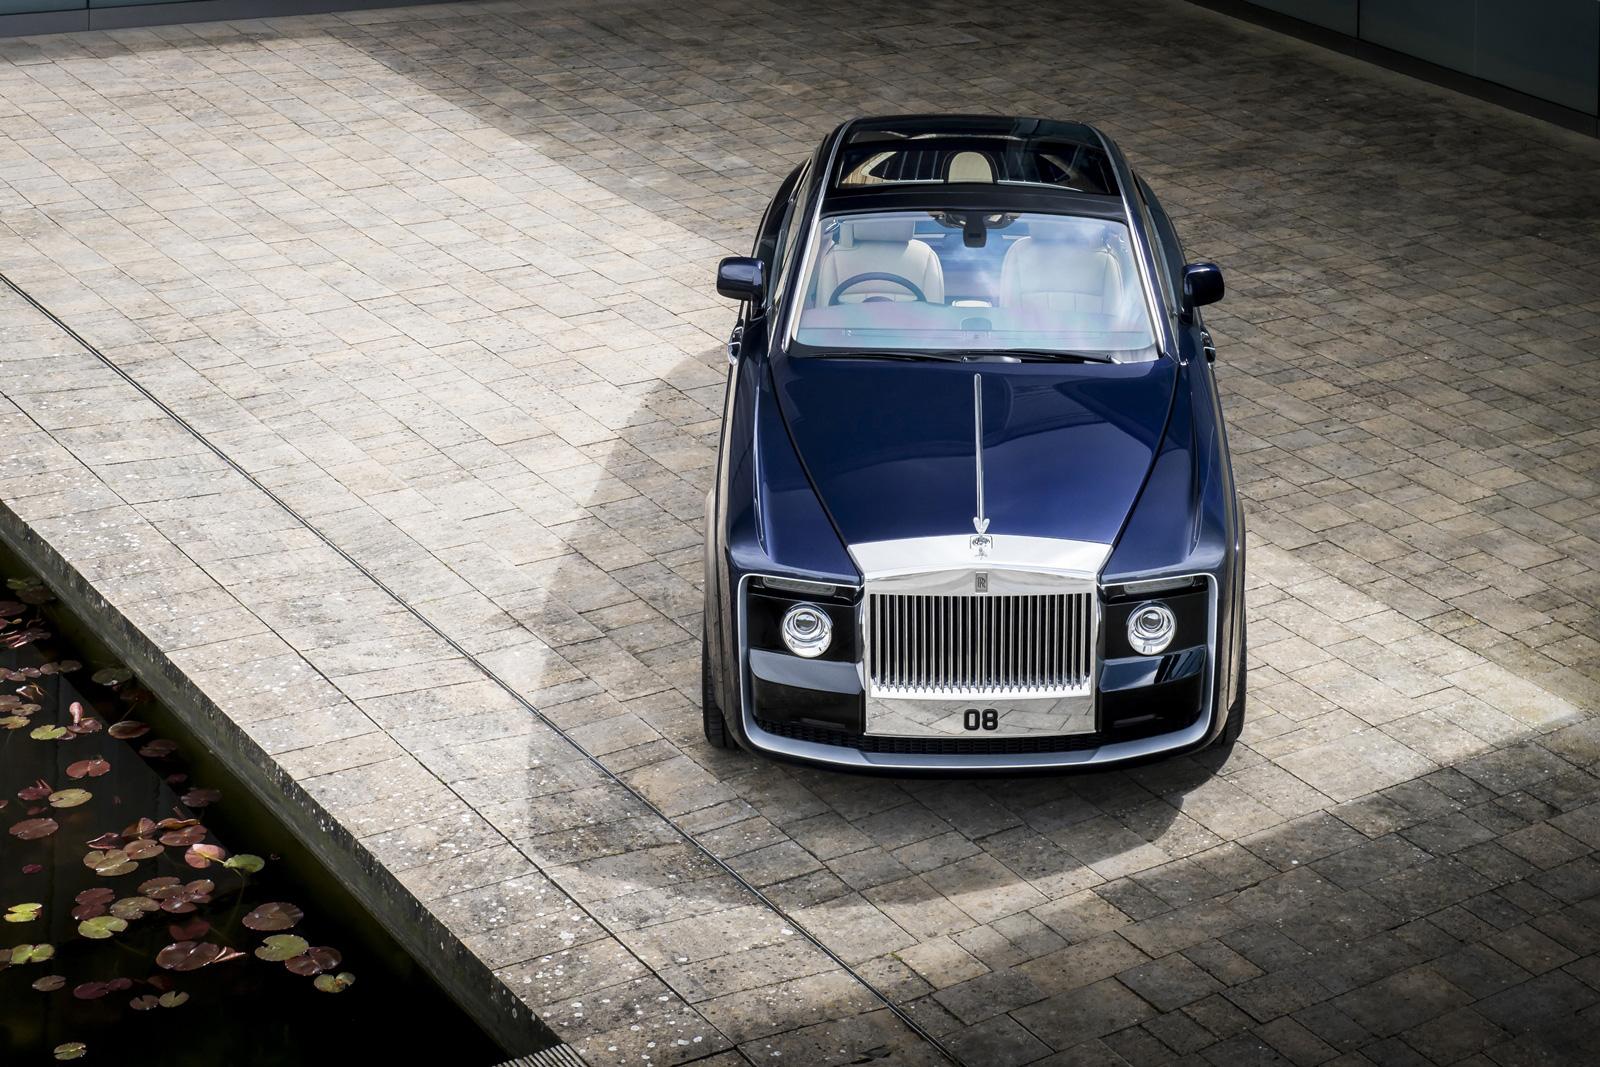 Đây là những lý do làm nên mức giá đắt có 1-0-2 cho xe Rolls-Royce nhưng đại gia nào cũng sẵn sàng rút ví một cách hào phóng nhất - Ảnh 9.